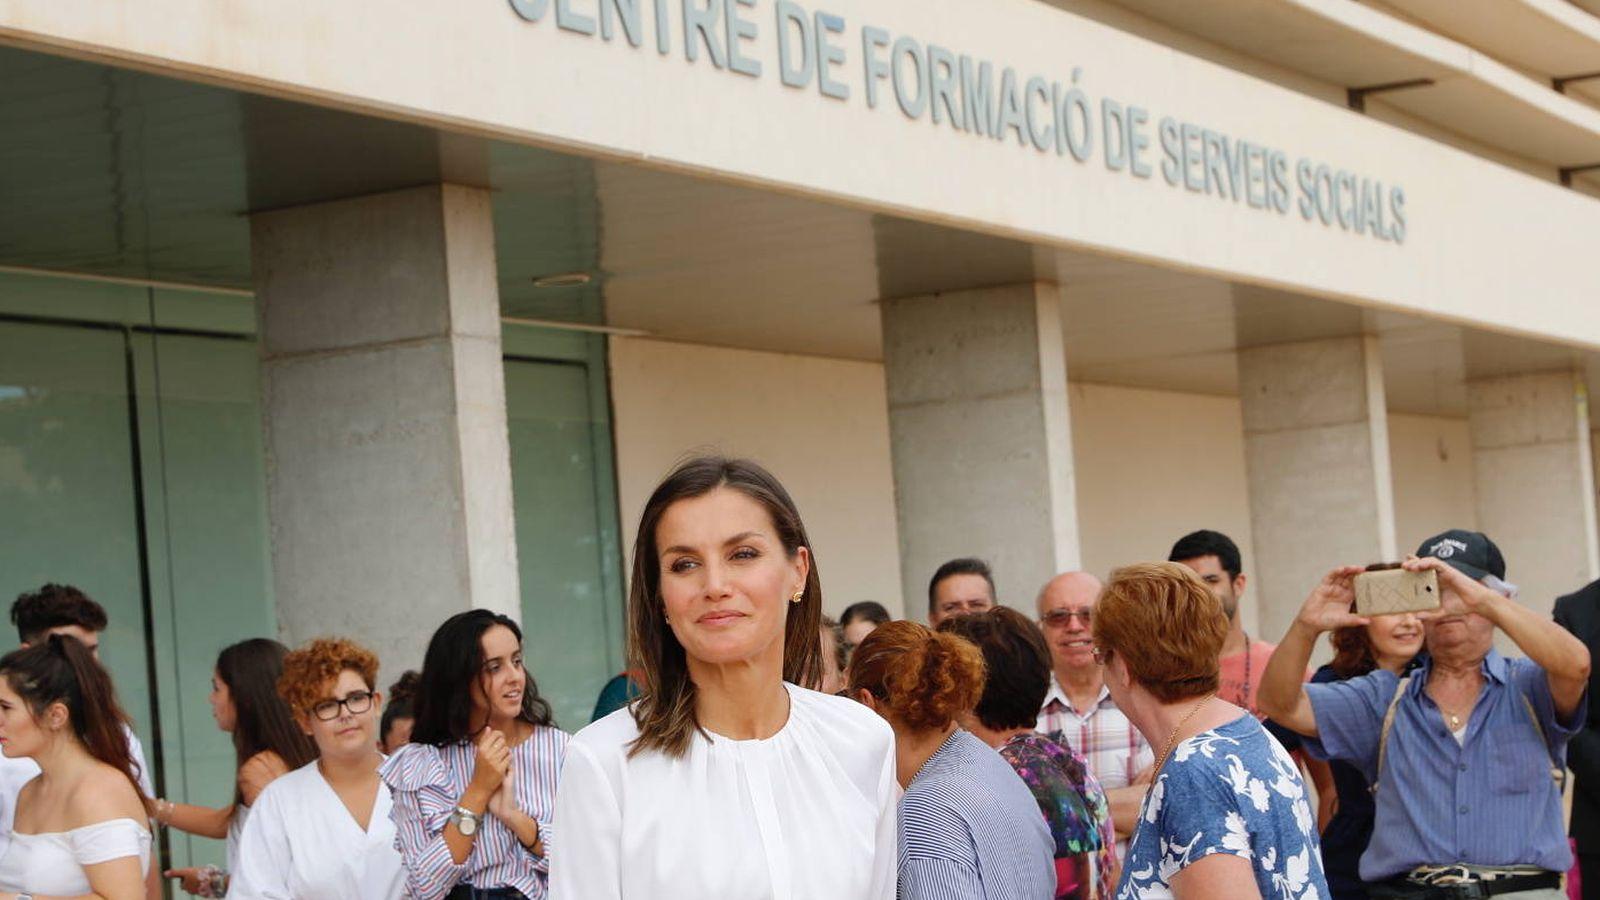 Foto: La reina Letizia en el acto. (Casa Real)